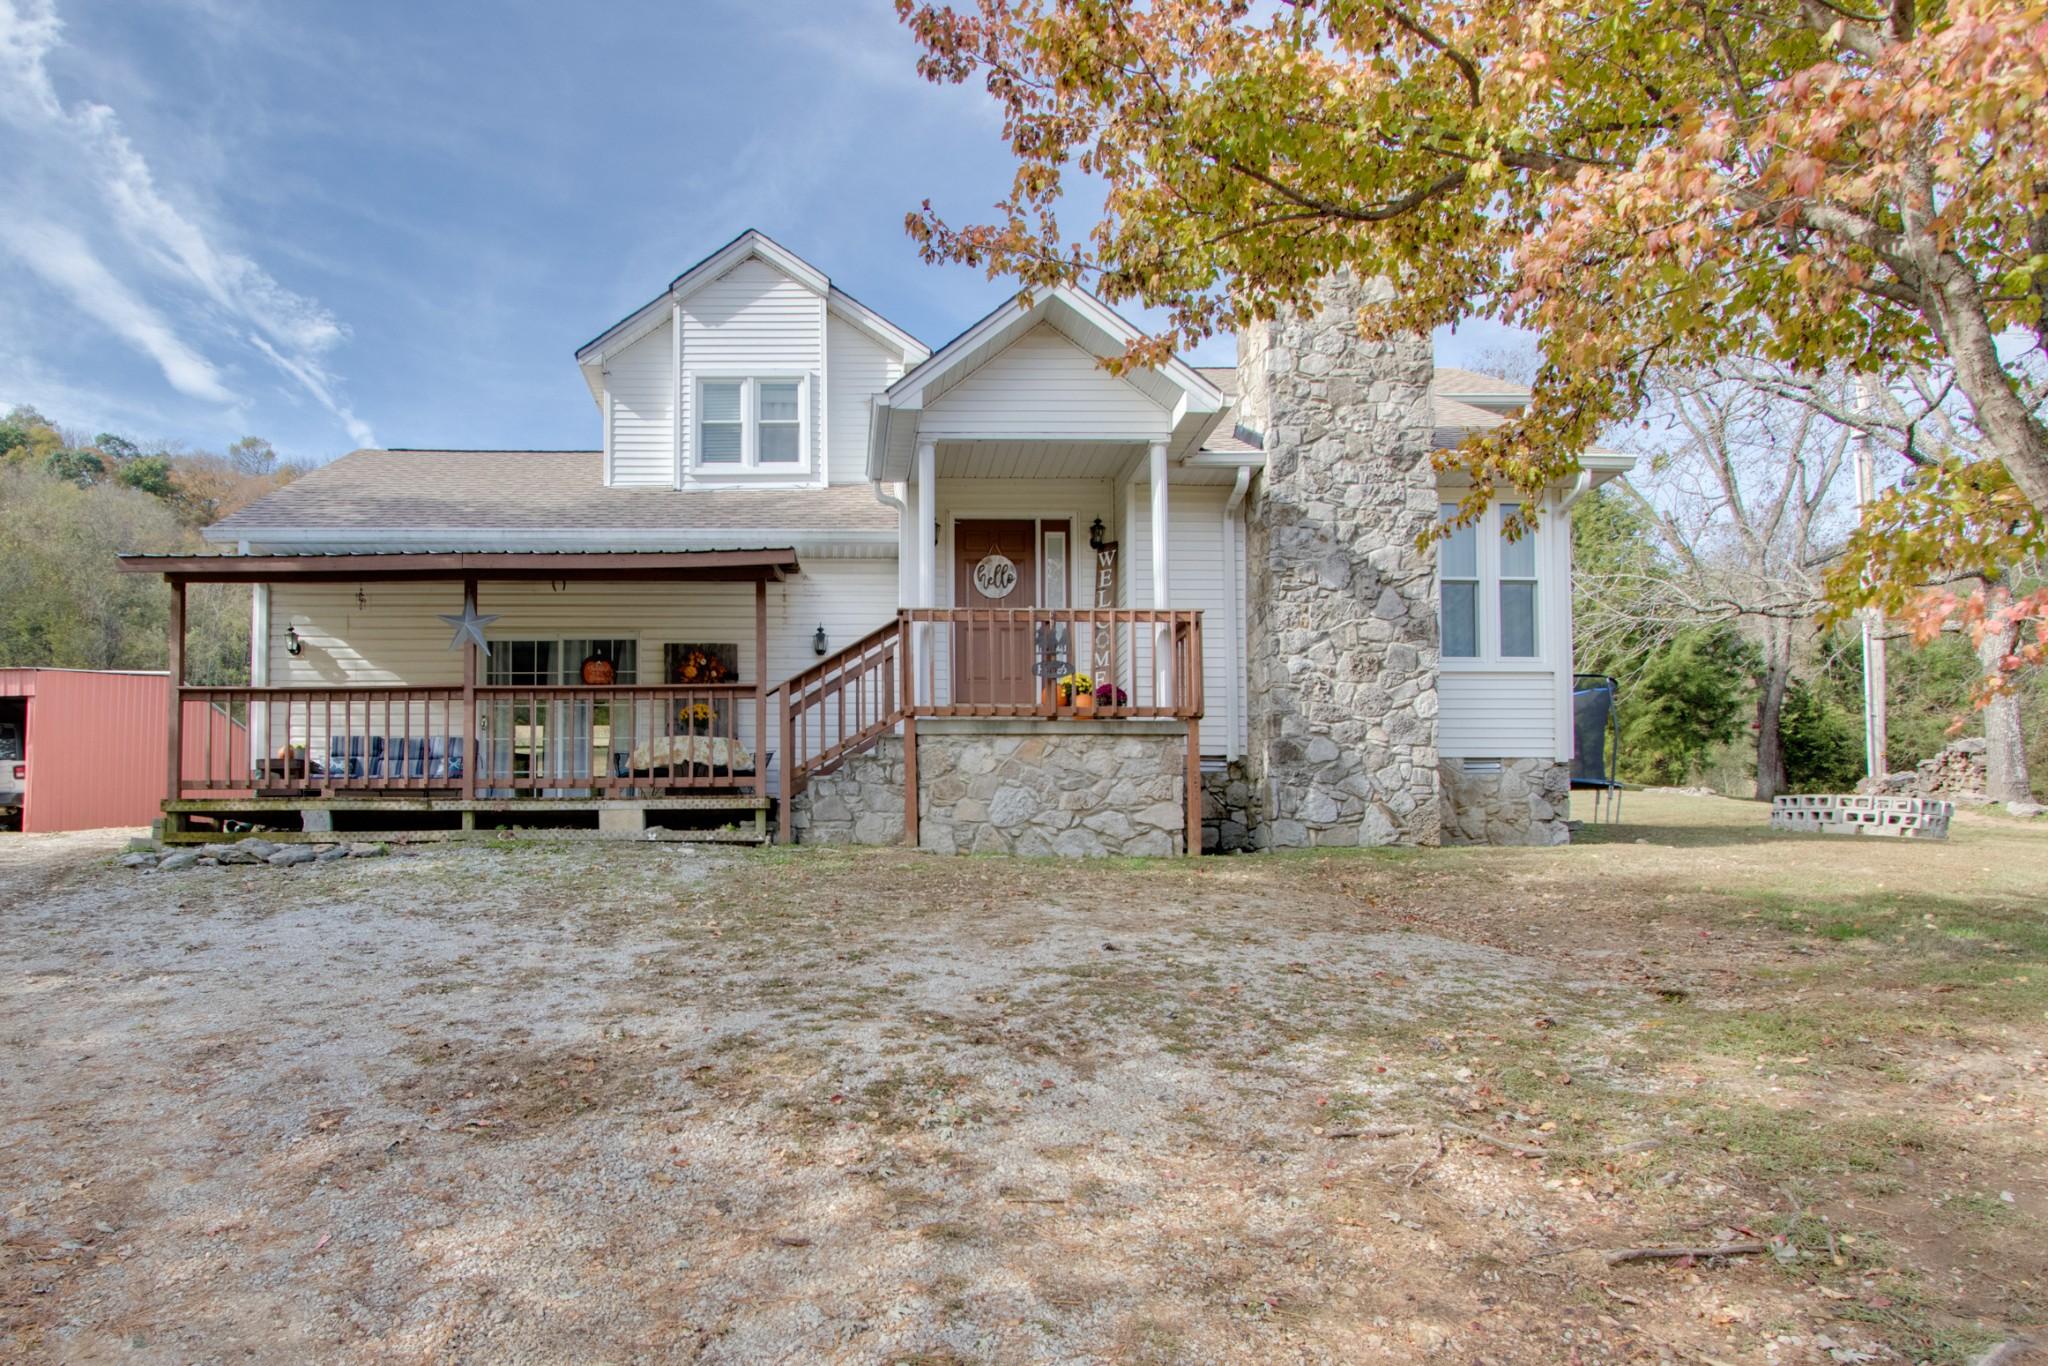 223 Bowmans Branch Ln, Pleasant Shade, TN 37145 - Pleasant Shade, TN real estate listing